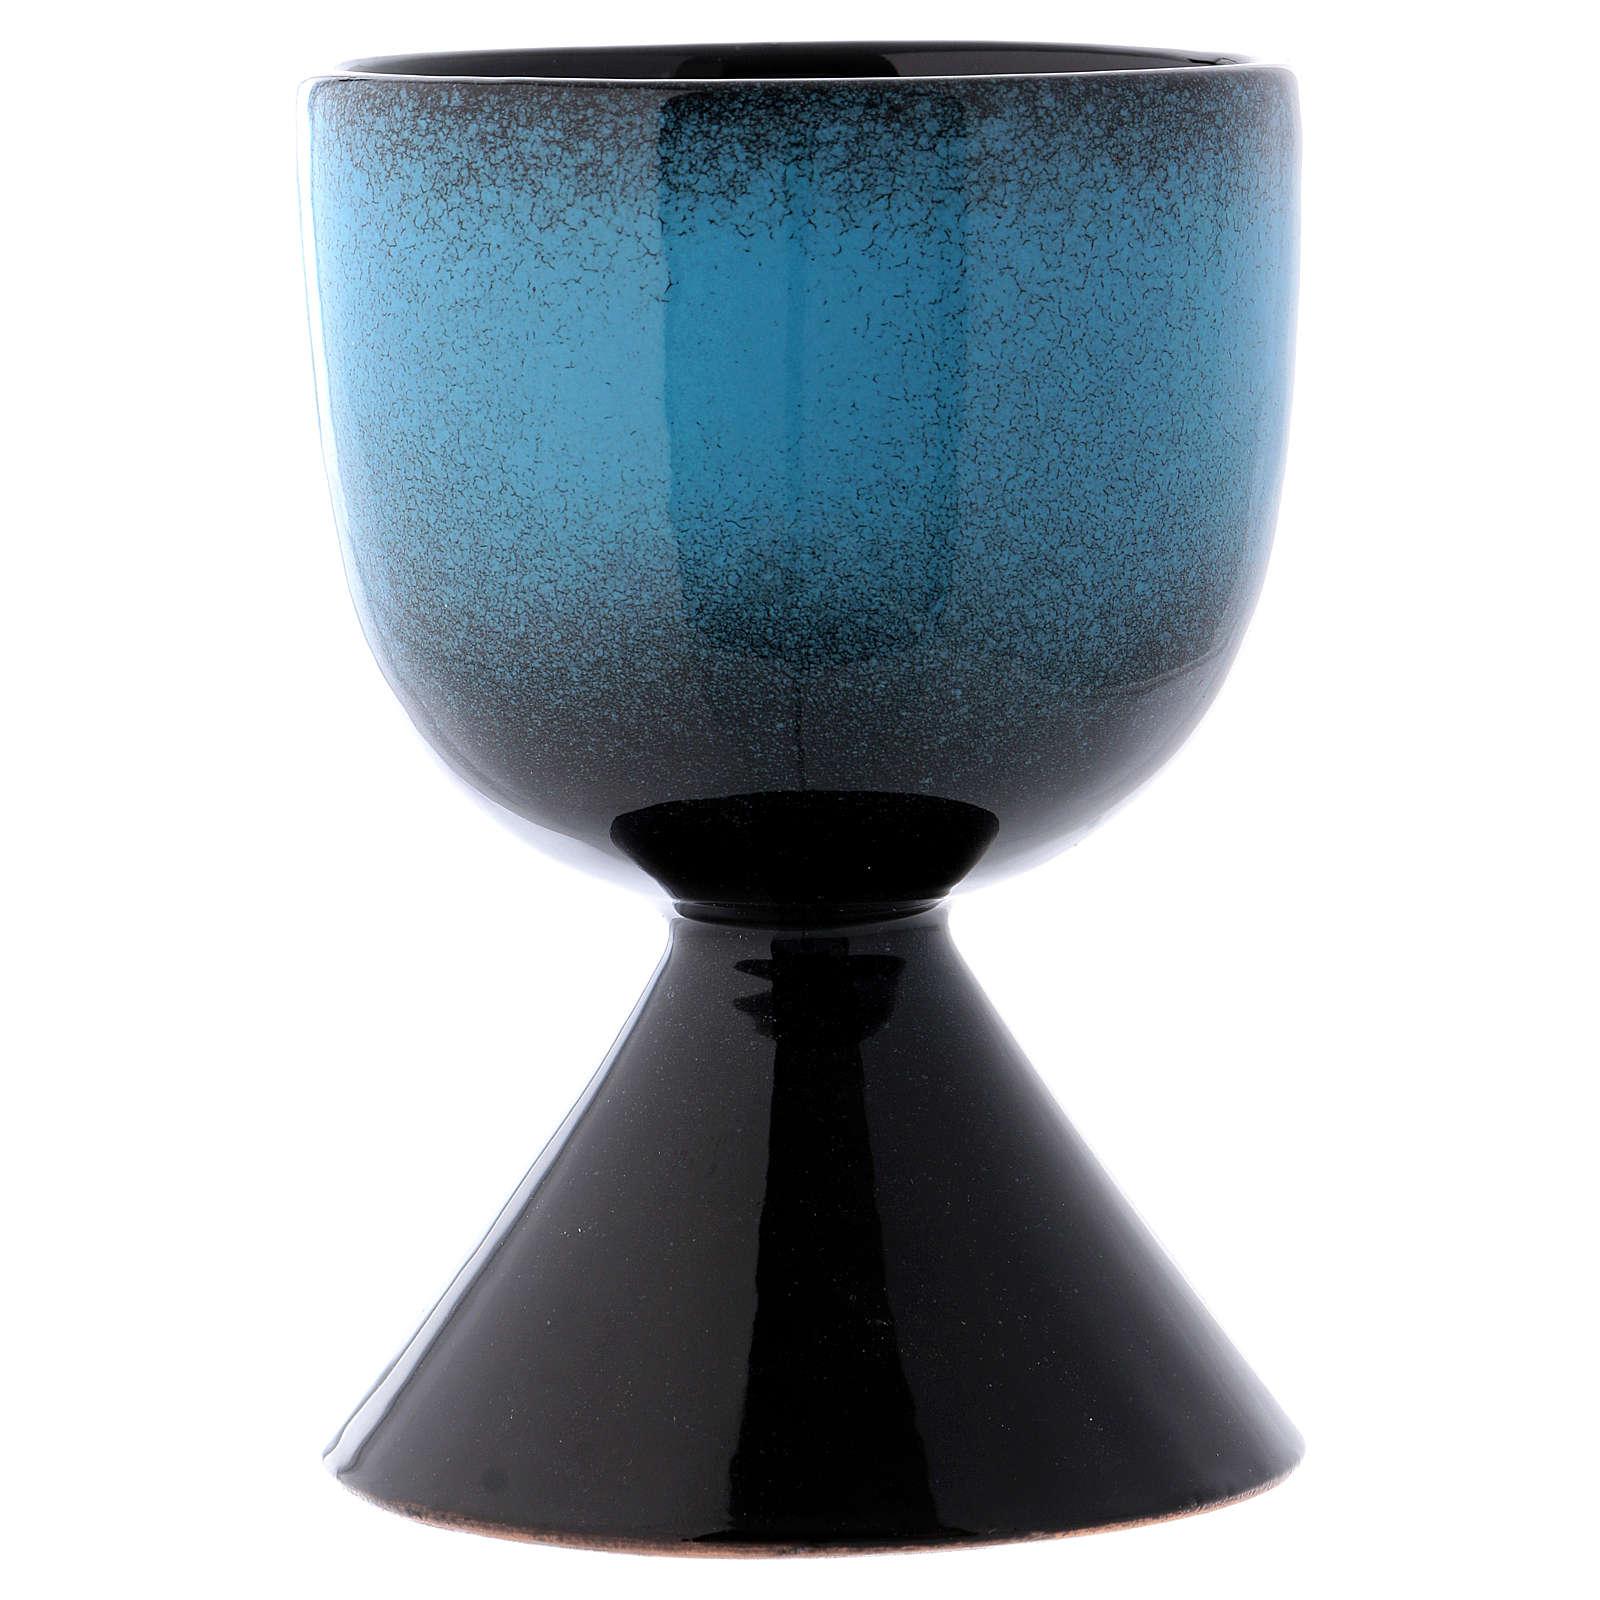 Cálice turquesa cerâmica símbolo mariano 4